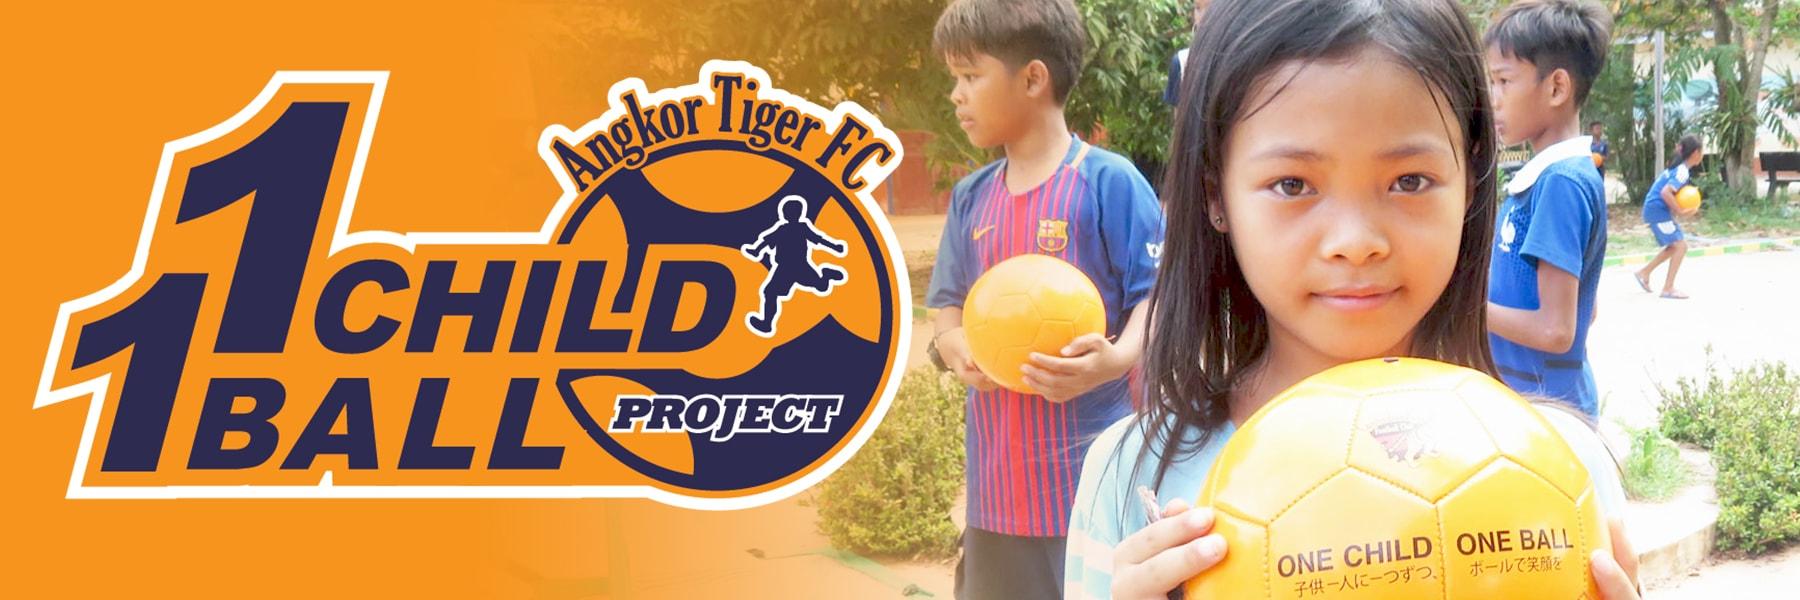 angkor-tiger